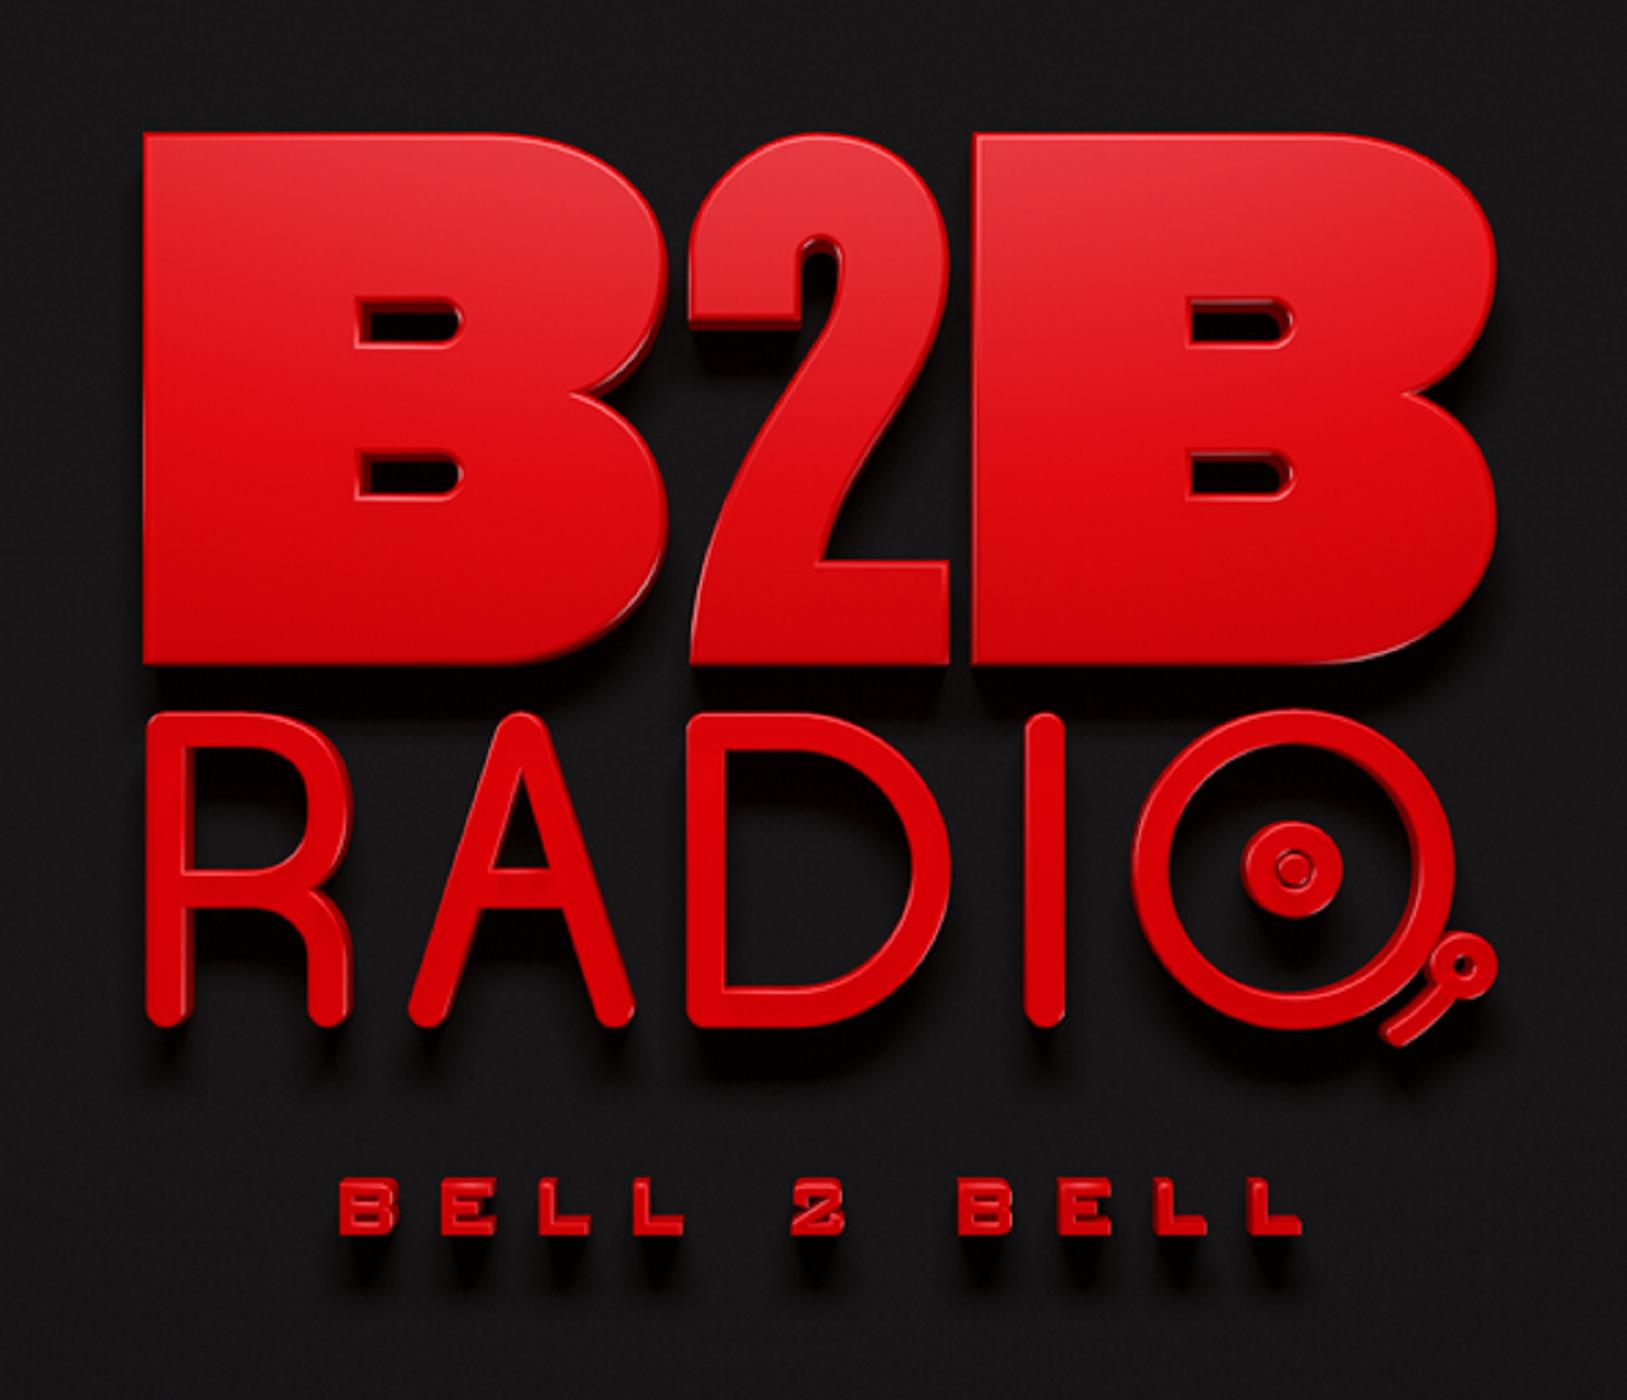 Bell 2 Bell Wrestling Podcast